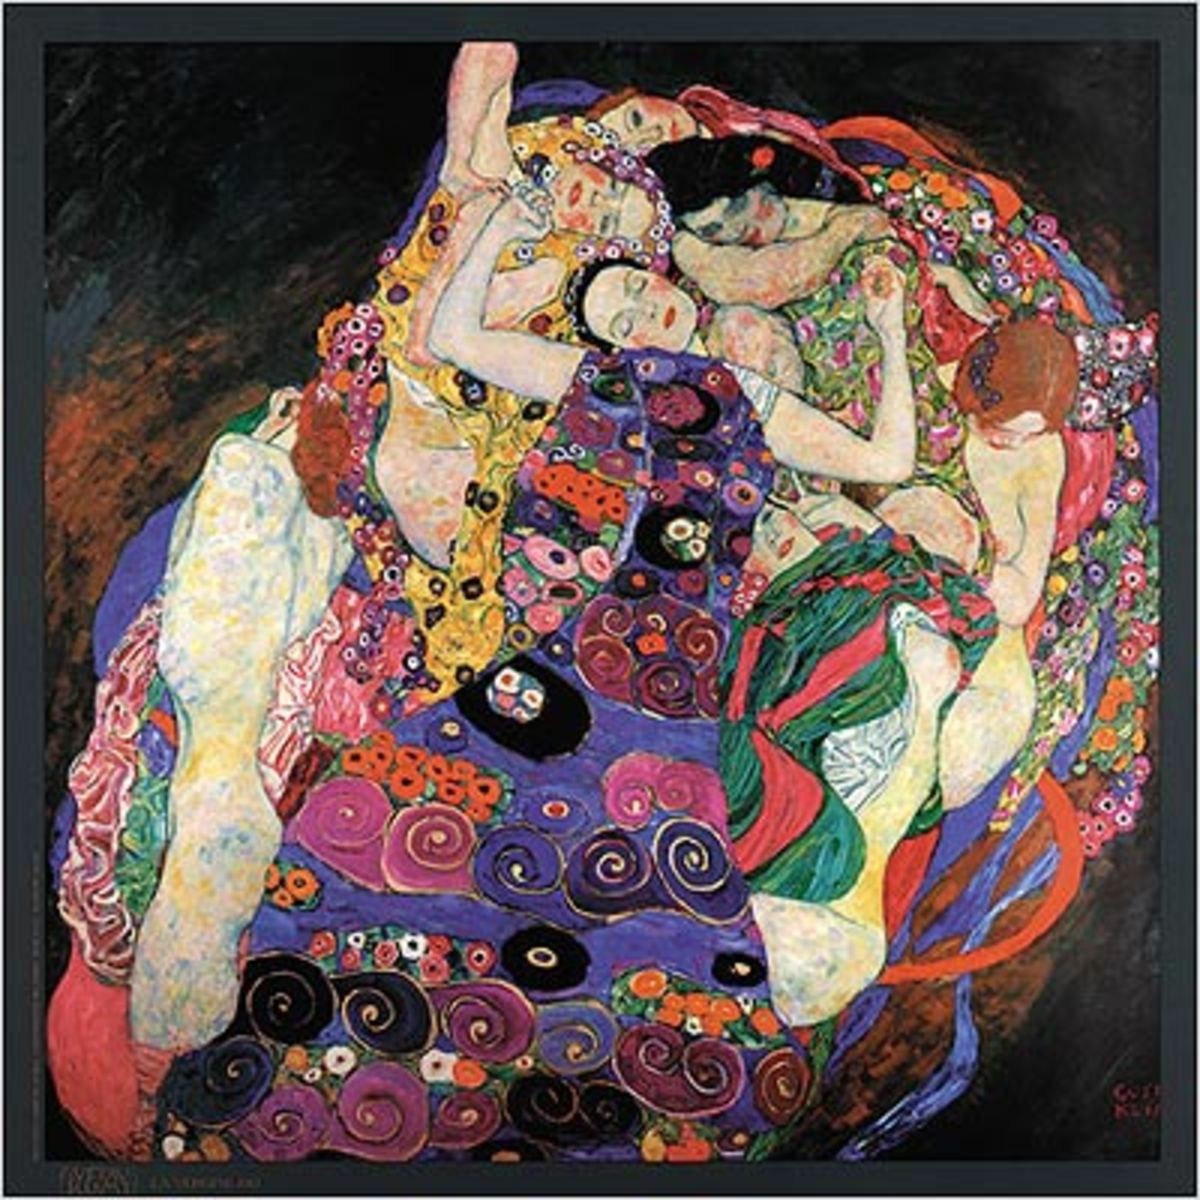 Gustav Klimt, The Maiden 1913